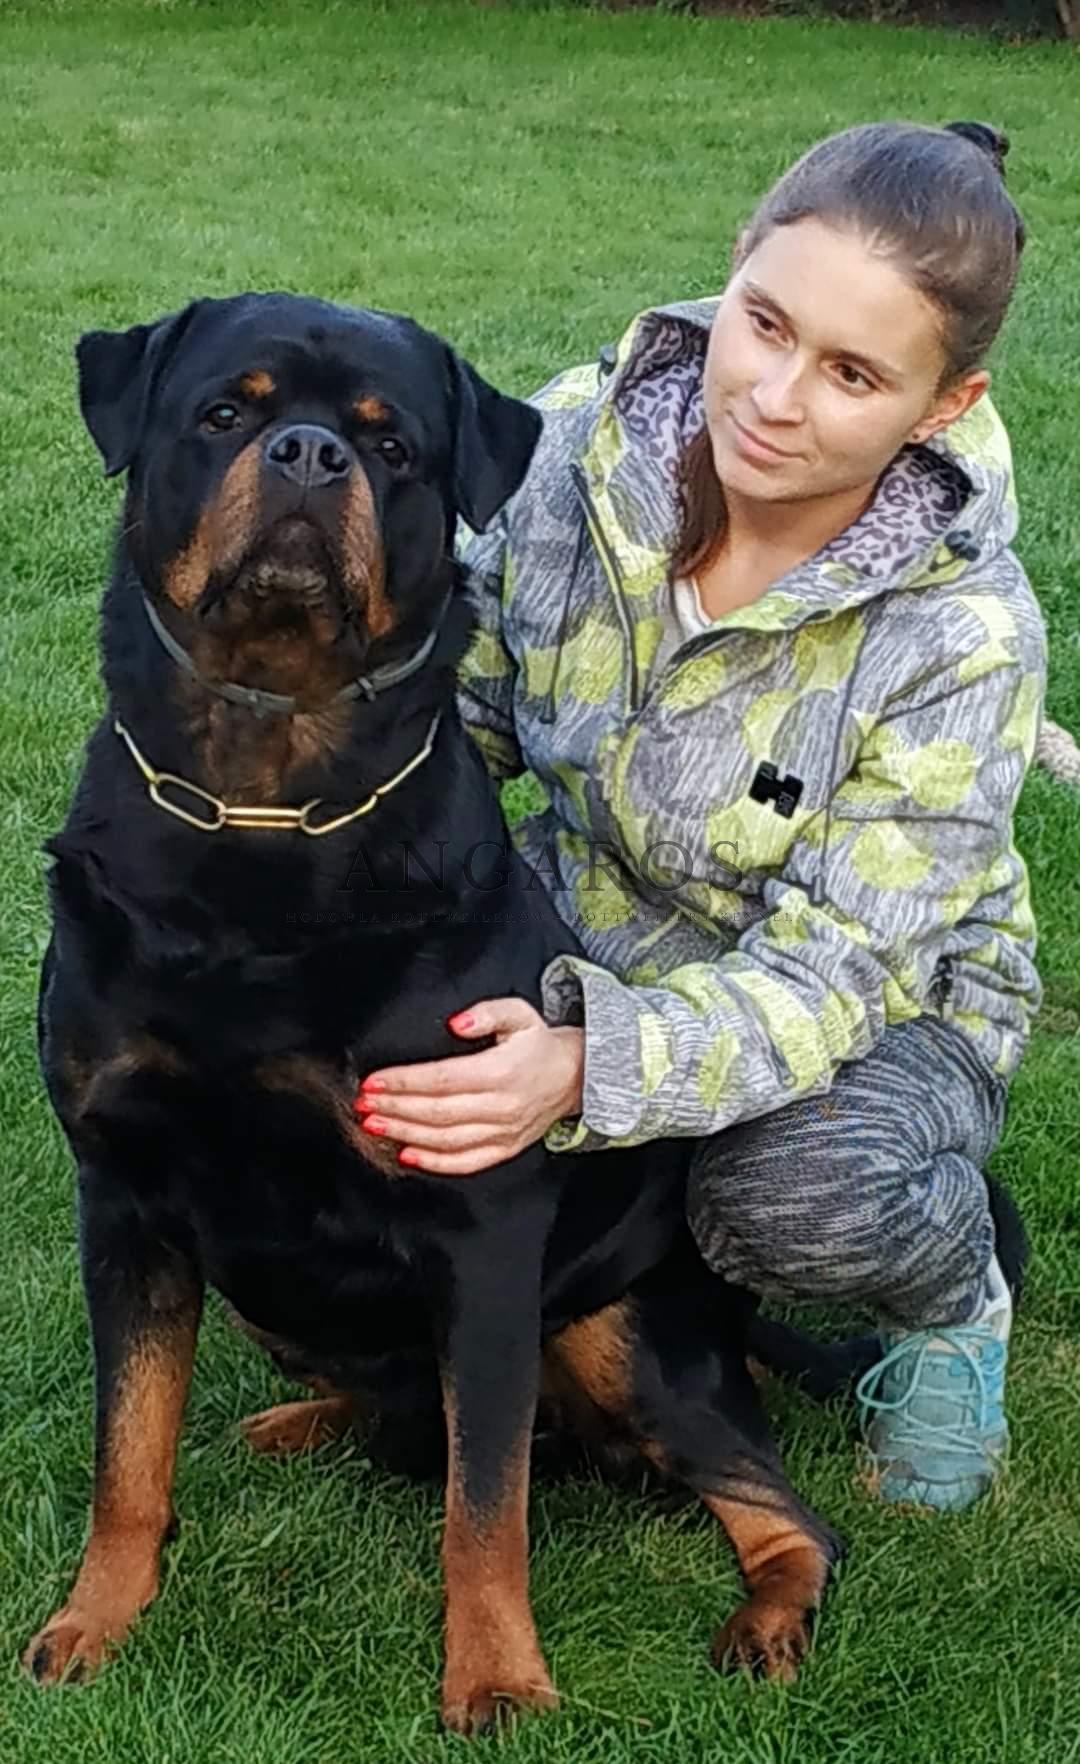 DIESEL Angaros i kochająca go nad życie właścicielka. Cudowna relacja, aż serucho się raduje.. | Rottweiler - Hodowla Rottweilerów Angaros - Rottweilers - Rottweilery